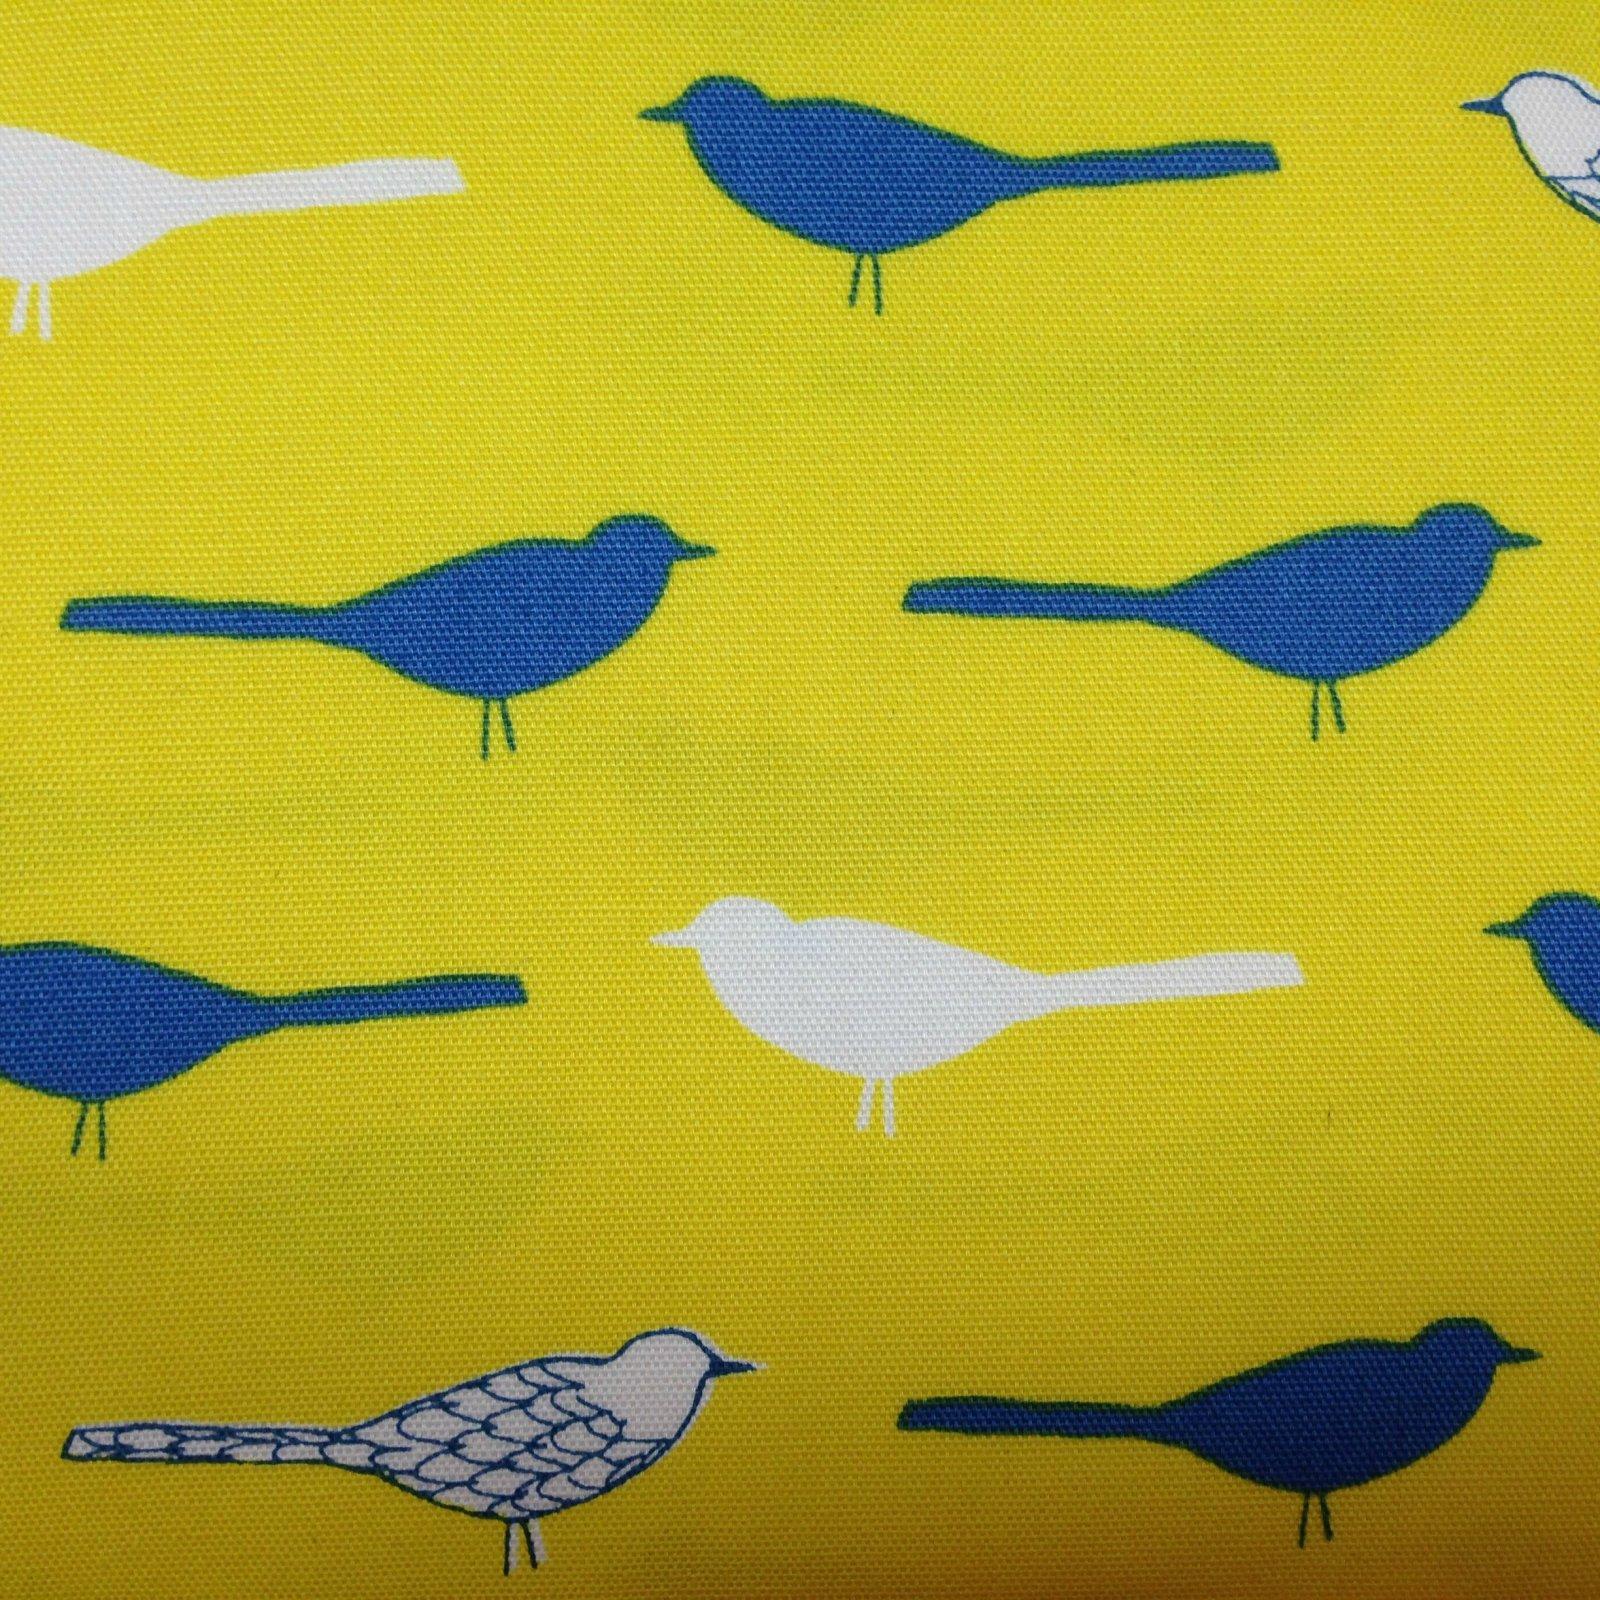 Oxford Canas - Birds - Yellow